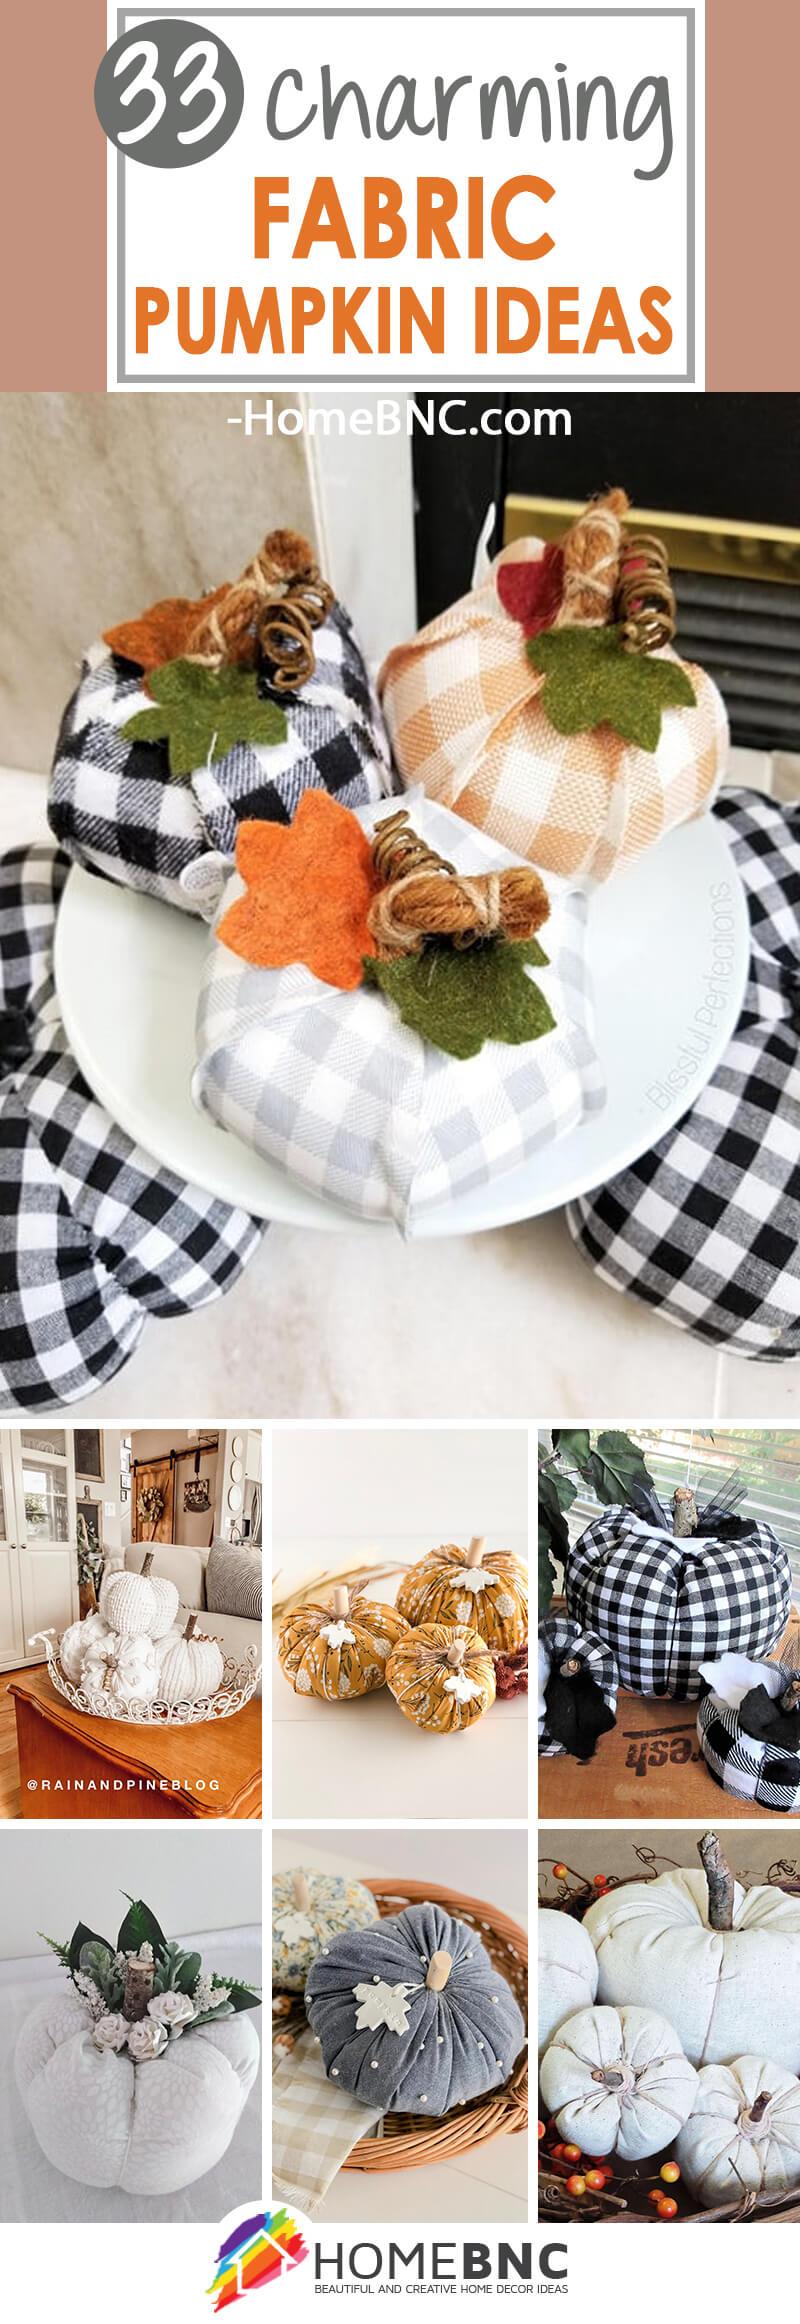 Best Fabric Pumpkin Decor Ideas